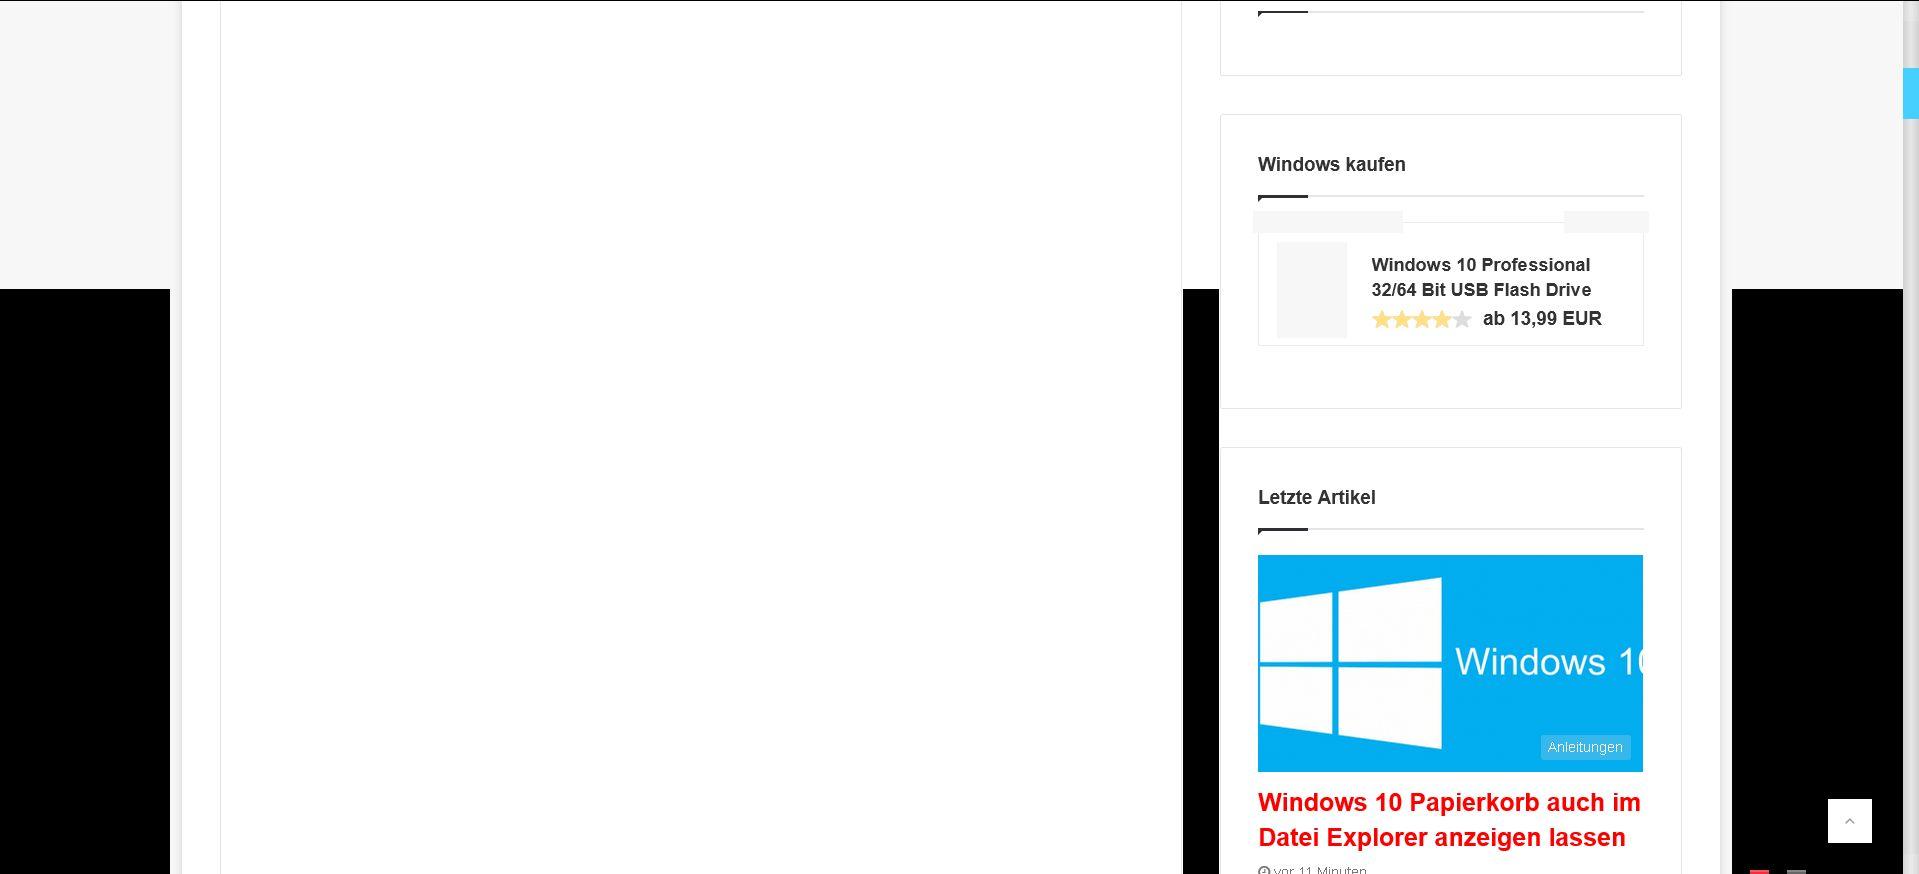 anzeigenfehler - Firefox Grafikfehler in der neuen Version 59